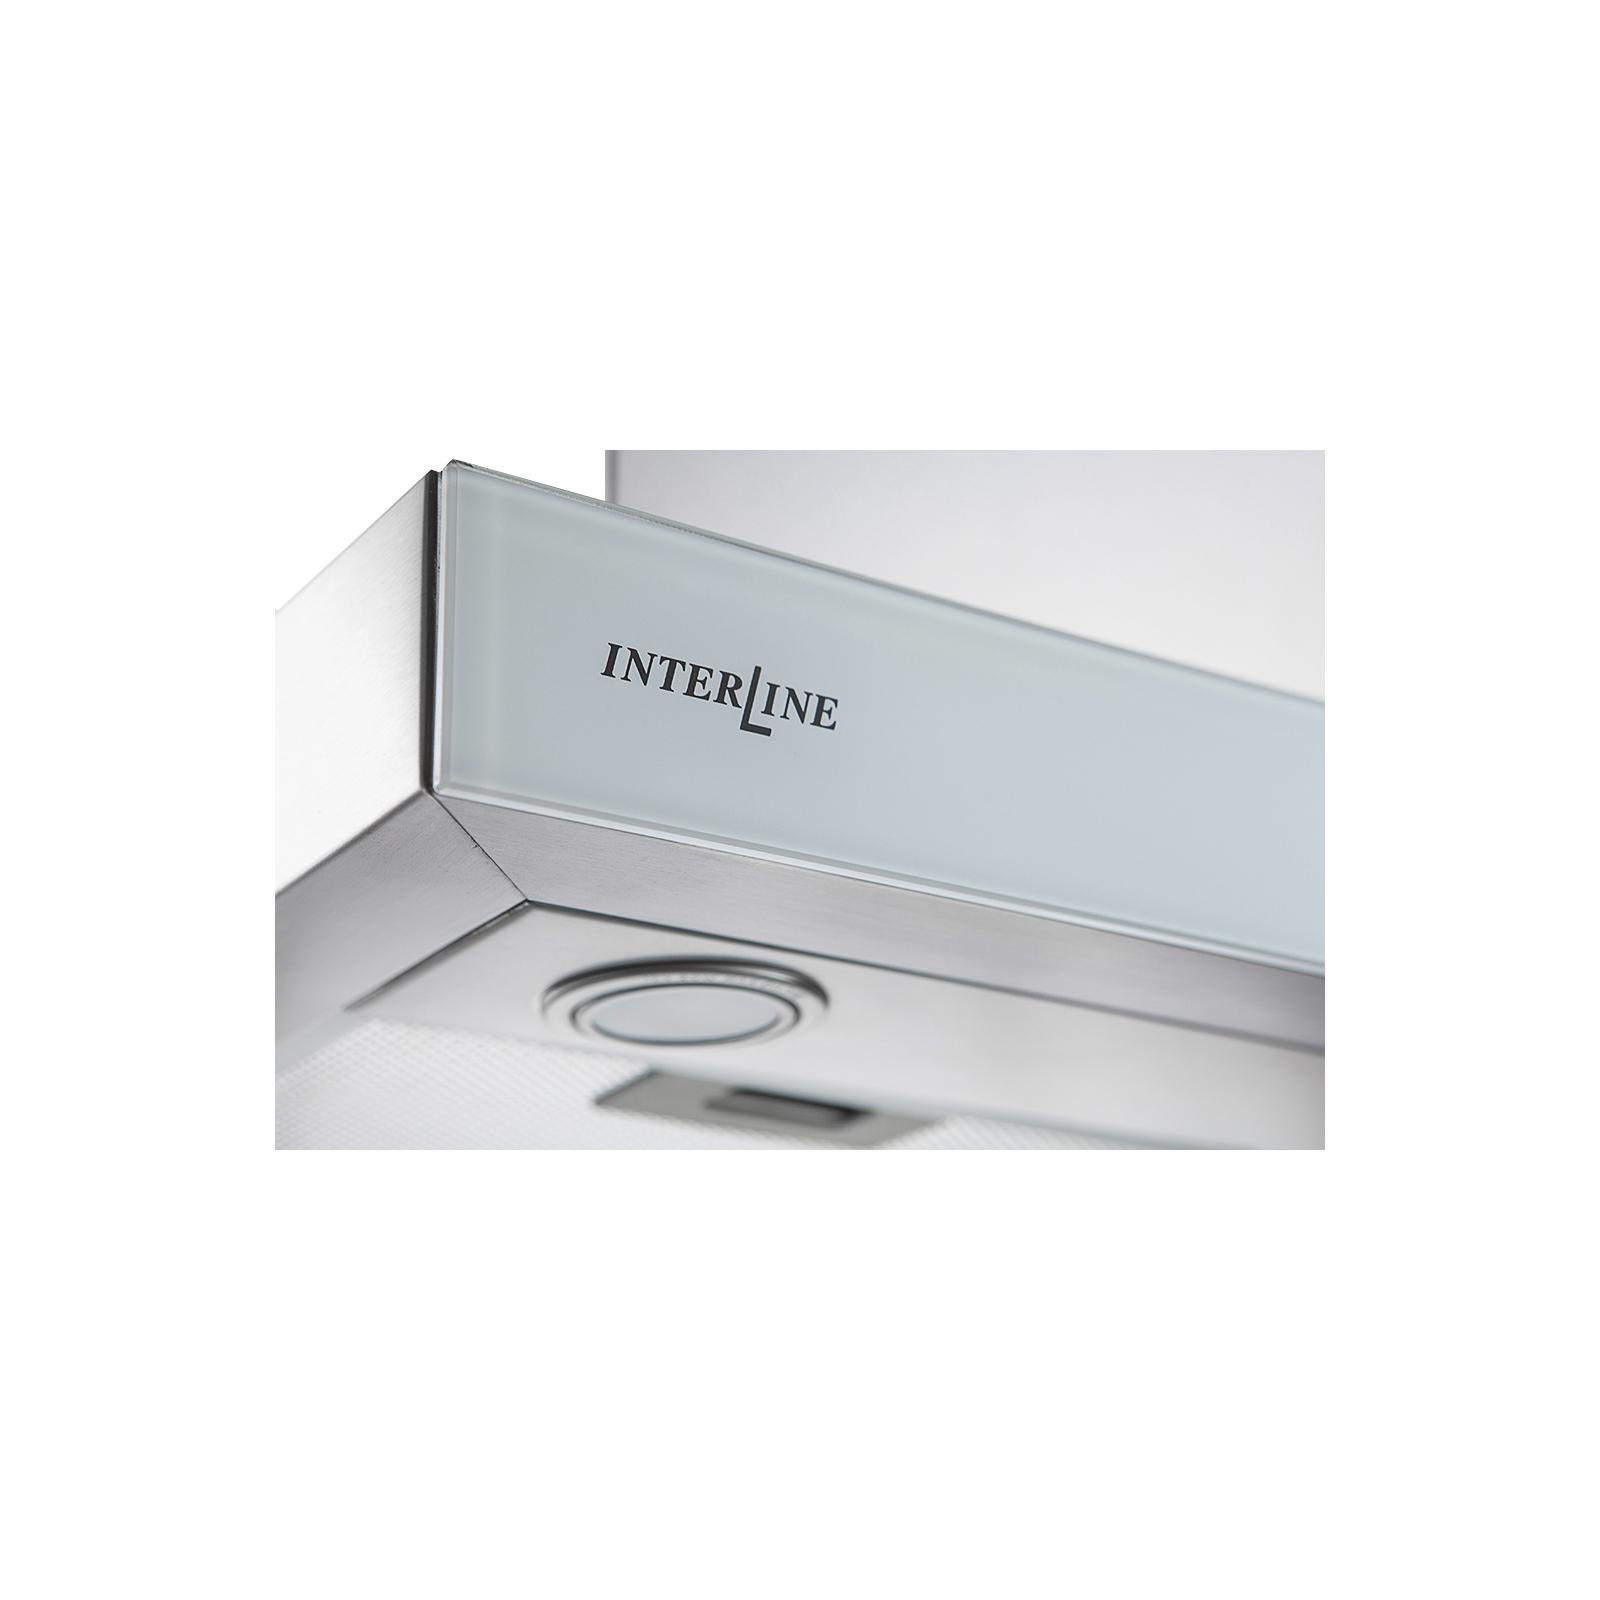 Вытяжка кухонная Interline COLLIDER X/V/W 60 E.S. изображение 2